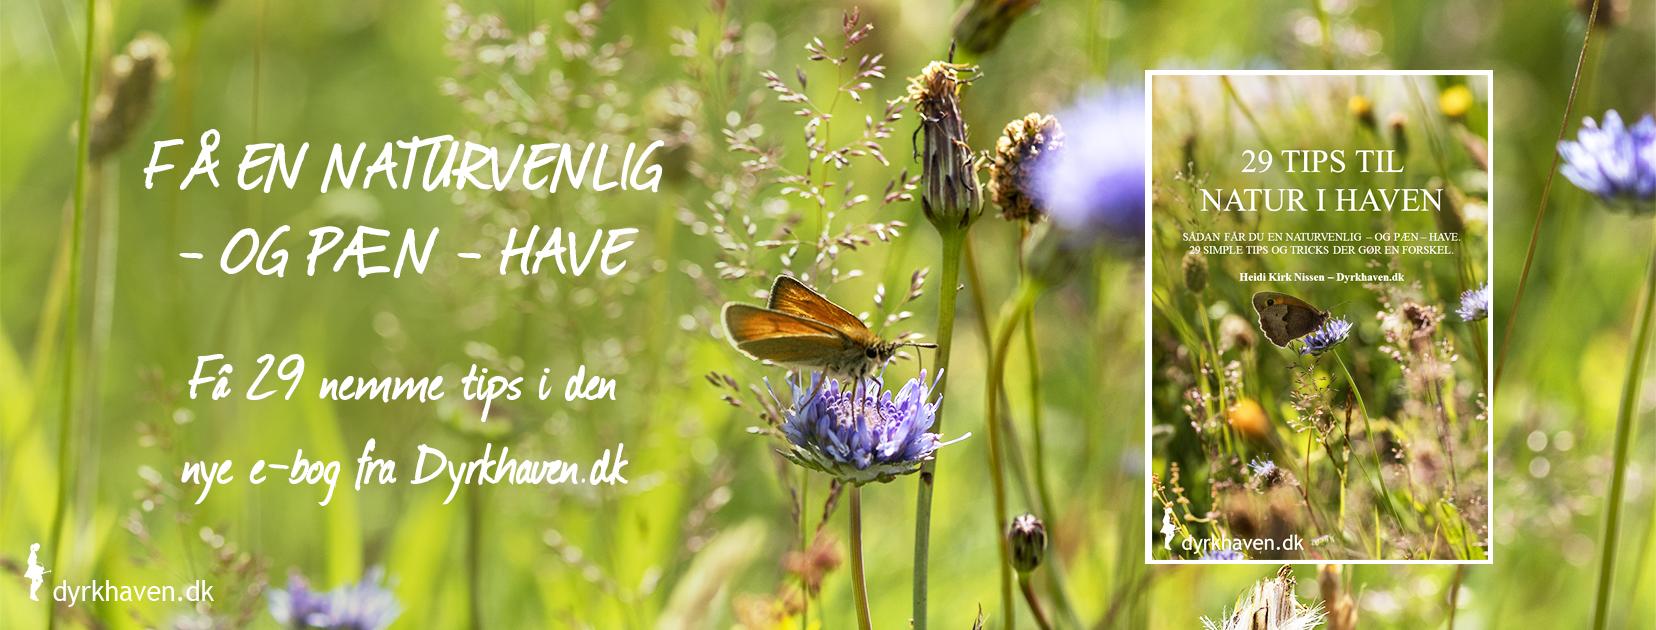 Få 29 tips og tricks til at få mere natur i haven. Få en naturvenlig - og pæn - have med e-bogen - Dyrkhaven.dk gør det nemmere at dyrke have